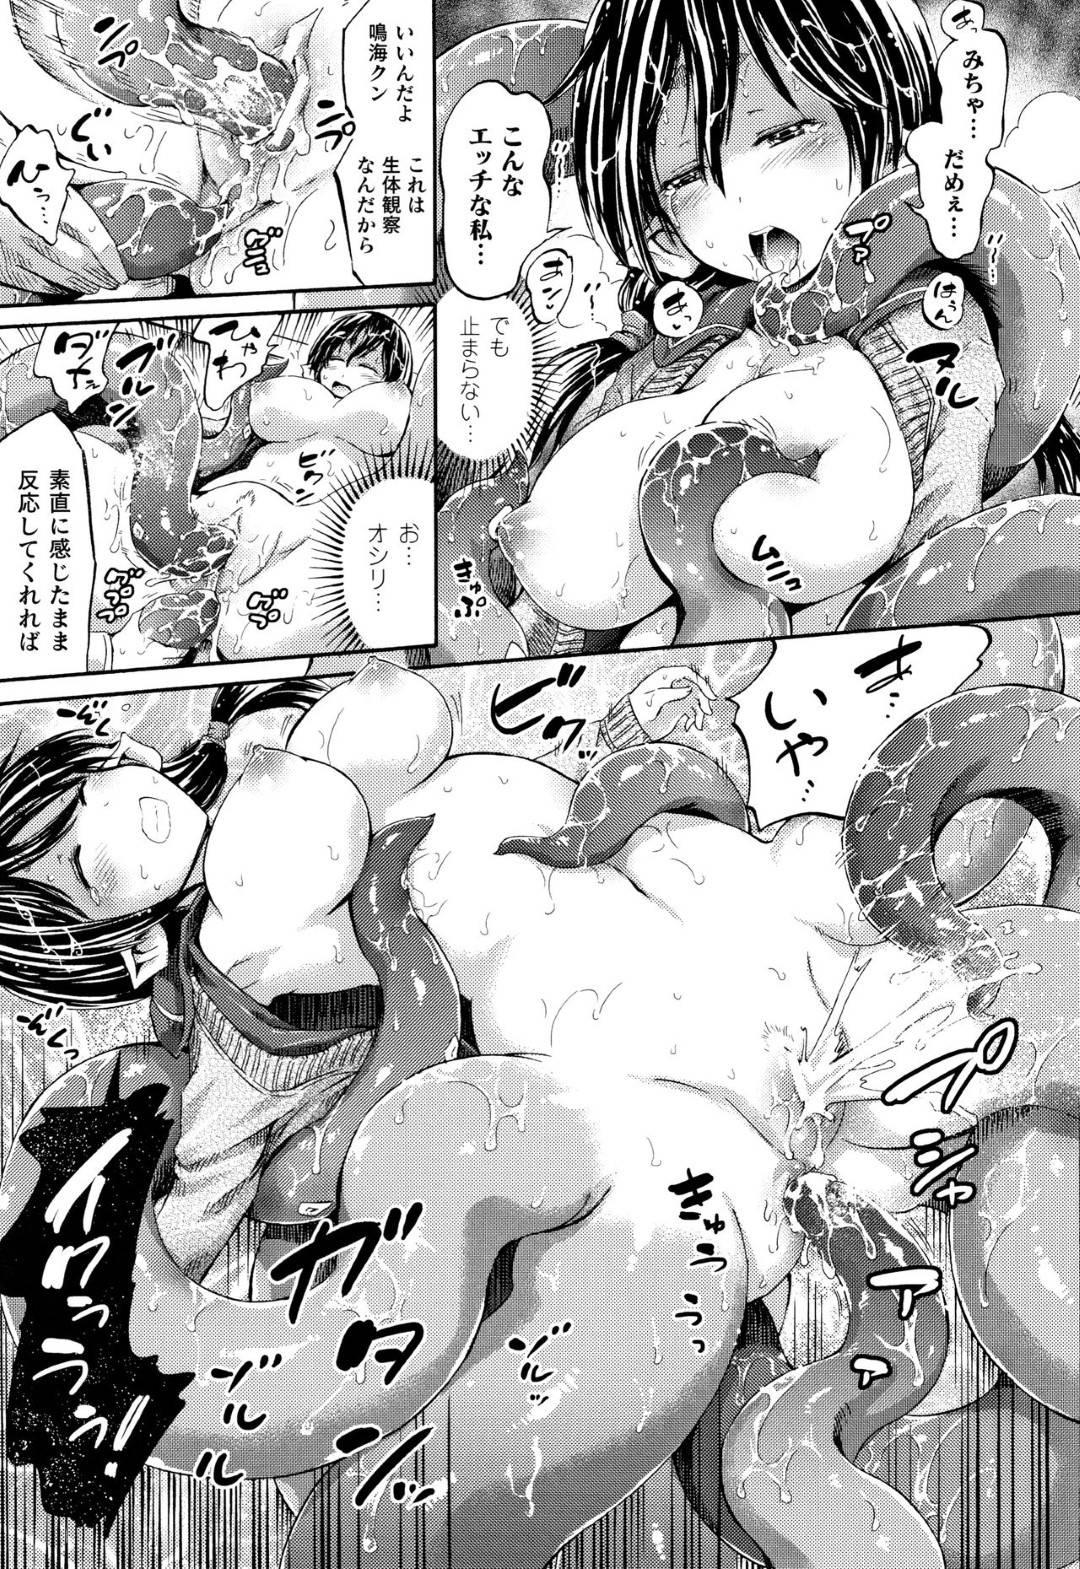 【エロ同人誌】撮影した女子をモンスター化できるアプリを使って生物部の先輩男子たちに下半身をタコにされてしまった美少女JK。興奮する先輩たちにタコ足を触られてイッてしまい手マンやクンニされたあと生ハメ乱交異種セックスして三穴同時種付けに絶頂しまくる【オリジナル】